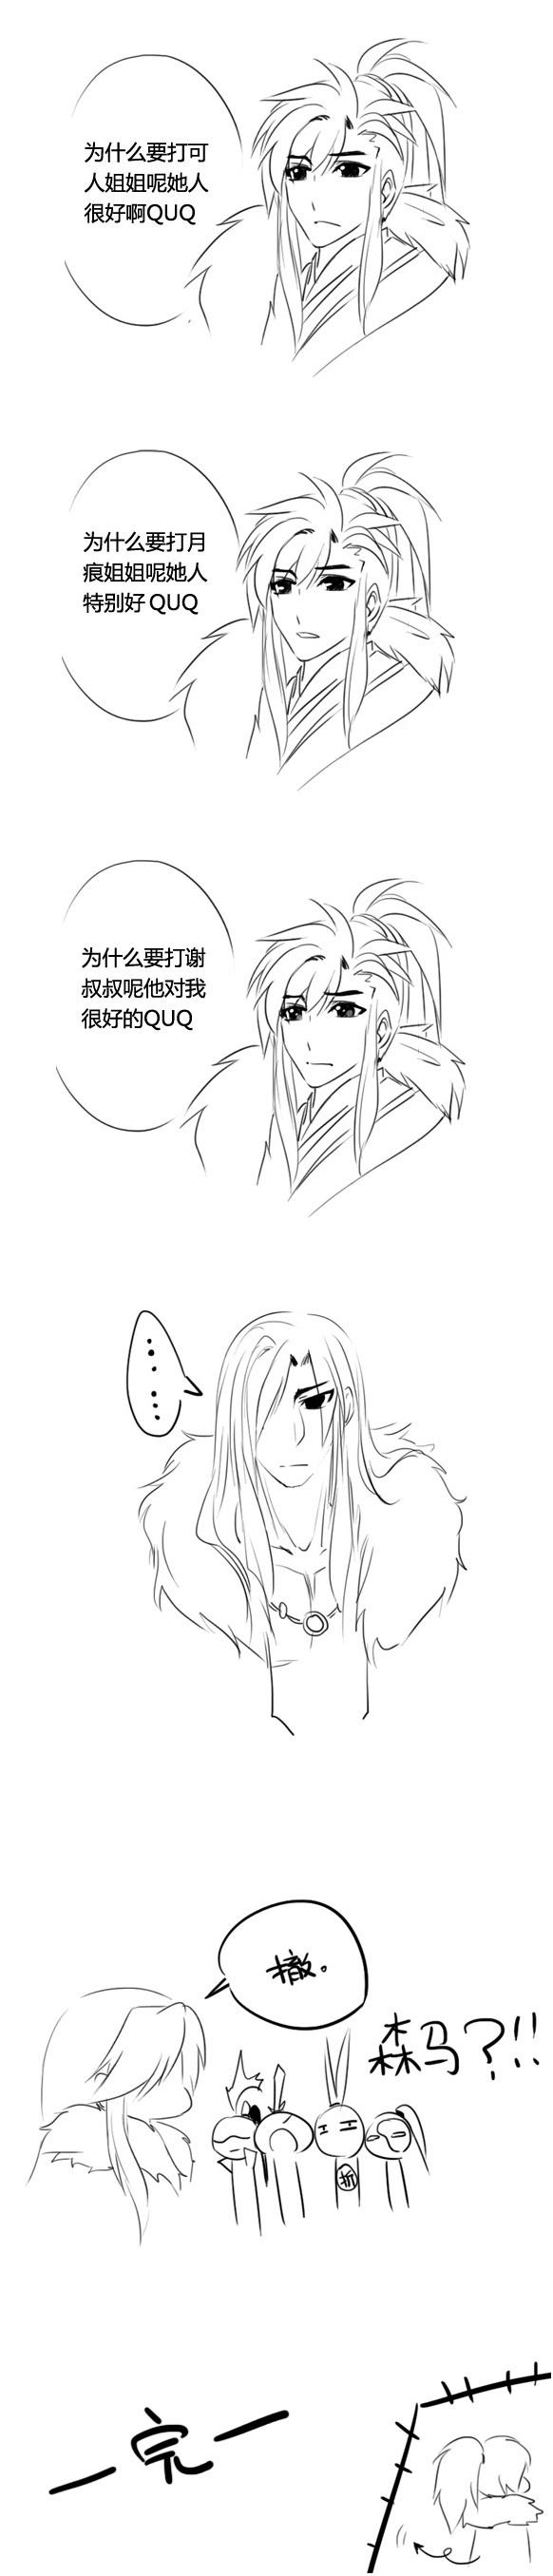 【漫】【授权转载】毛毛你的狐狸尾巴露出来了!by獒索 6fb57510